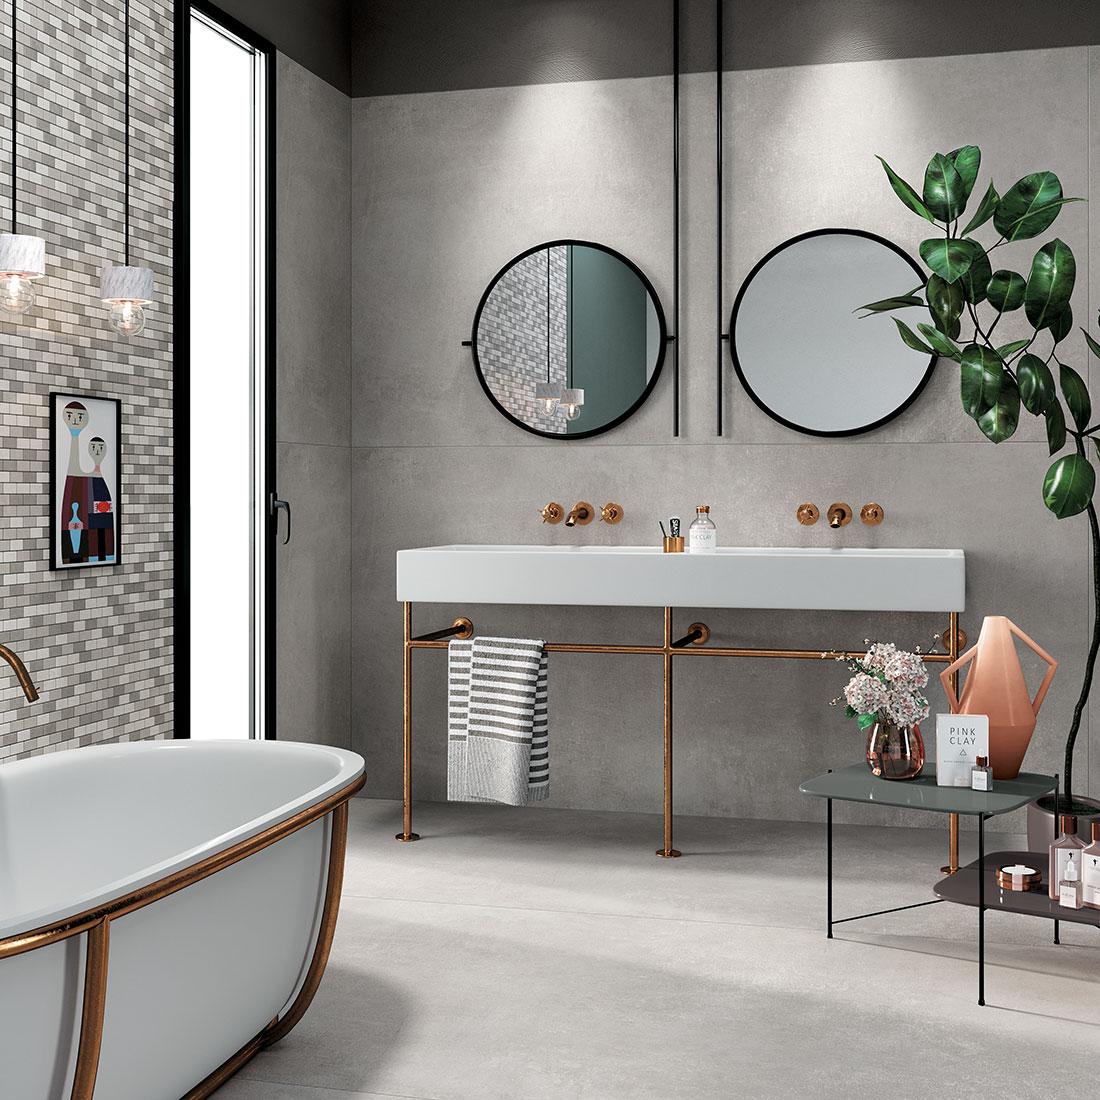 Mirage Glocal Gc02 Bathroom image